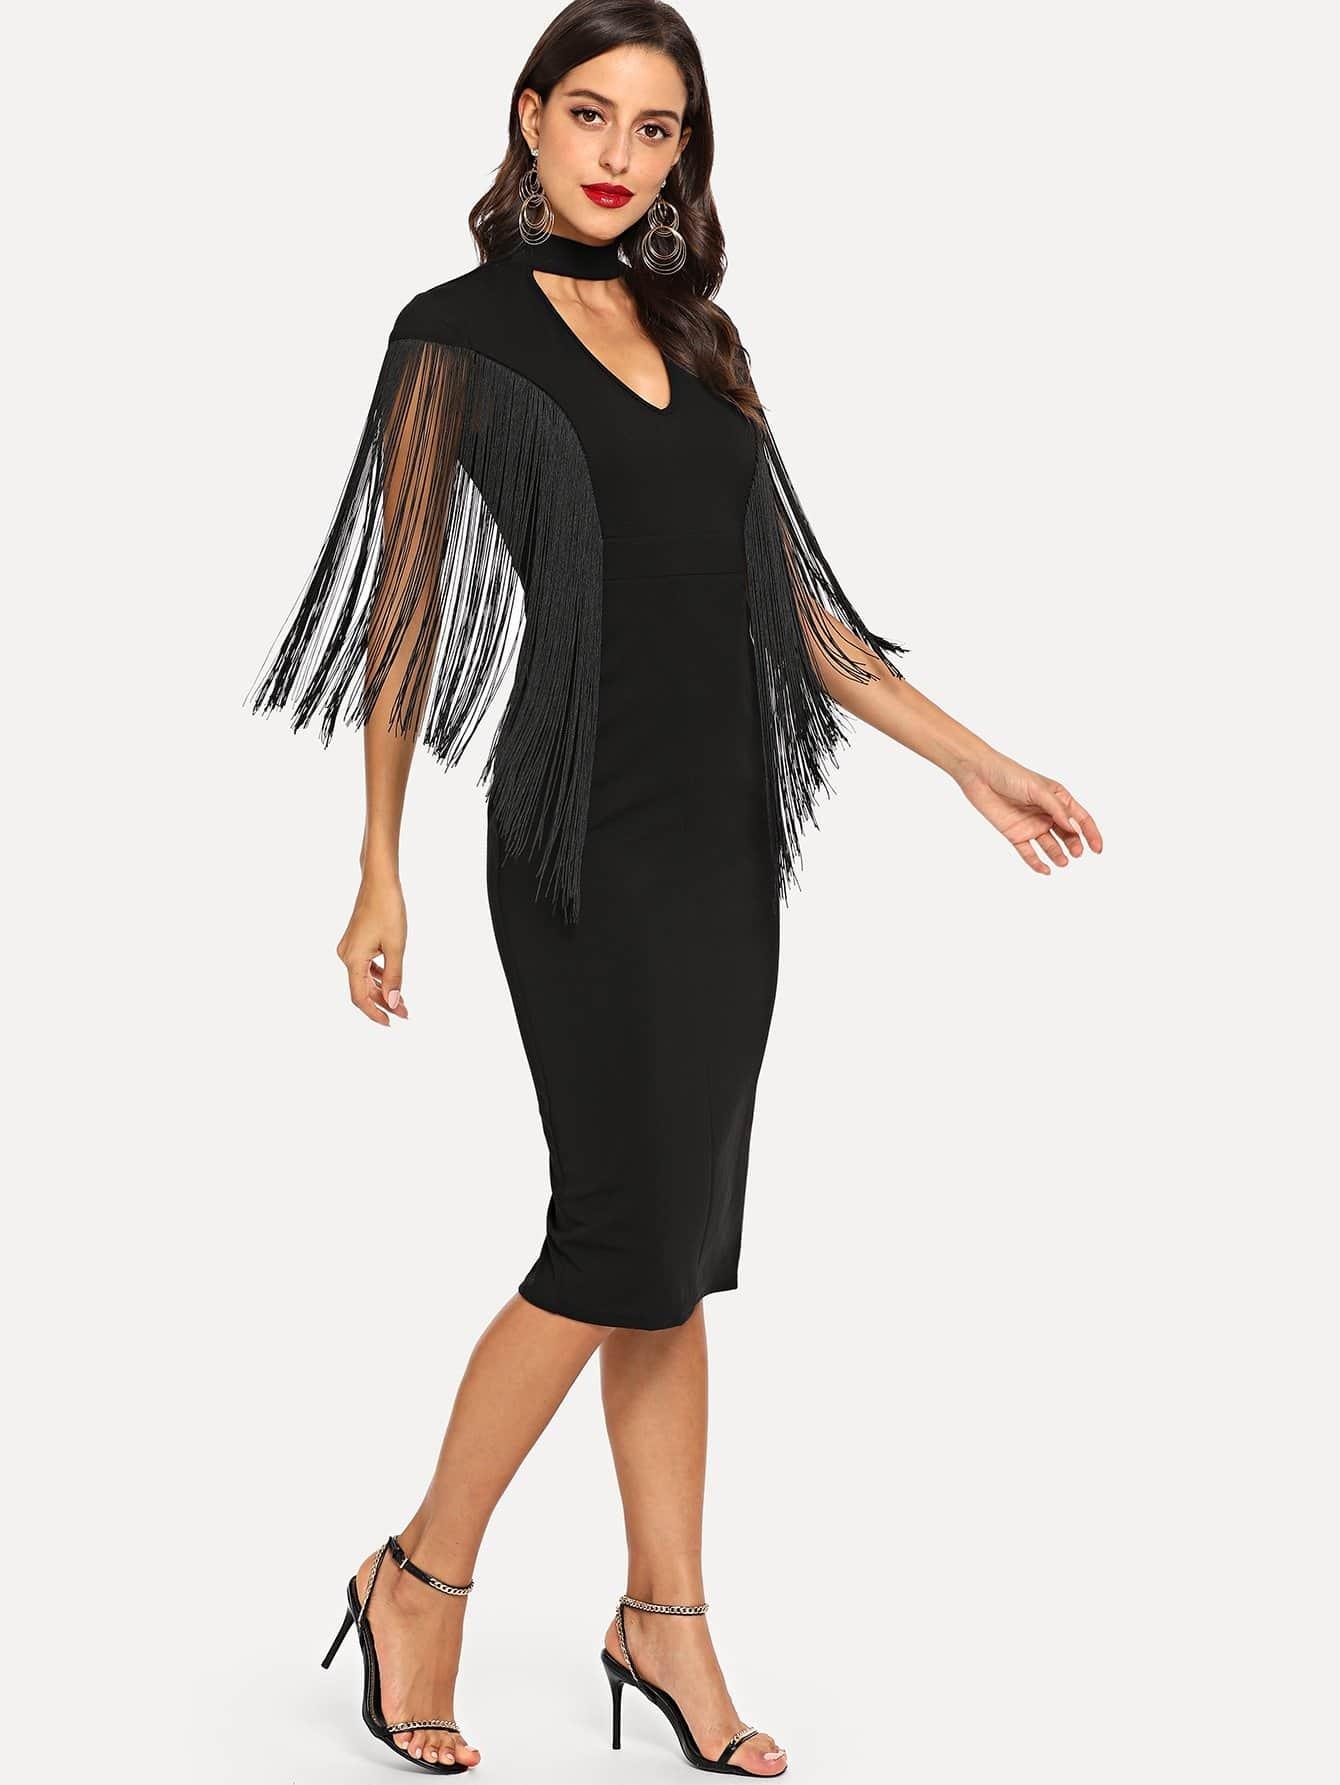 Купить Чокер шея твердое платье с кисточками, Mary P., SheIn